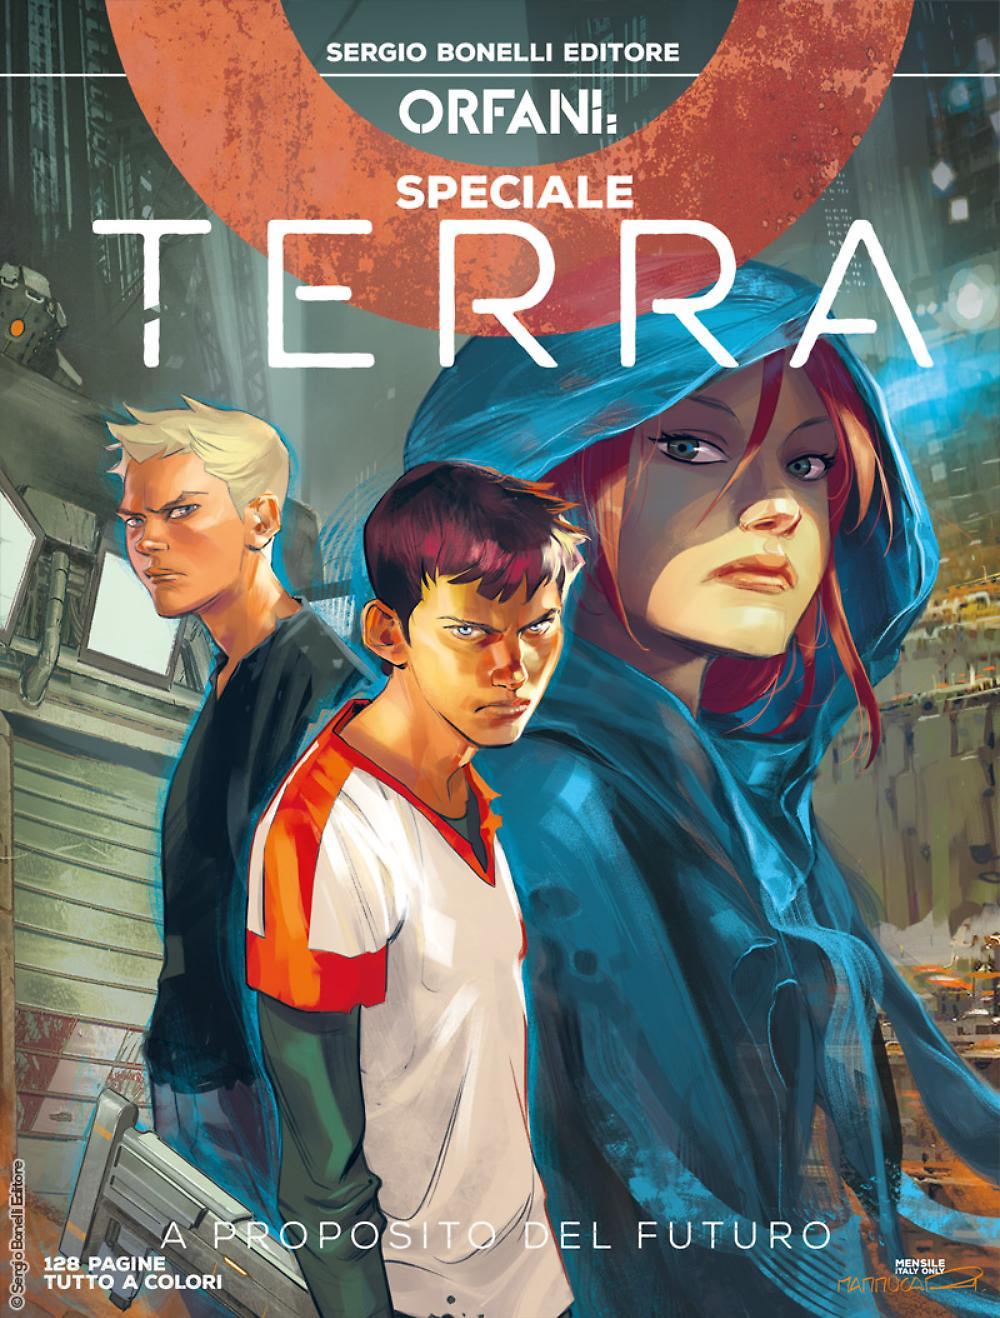 Orfani Speciale - Terra 1:A proposito del futuro, copertina di Emiliano Mammucari